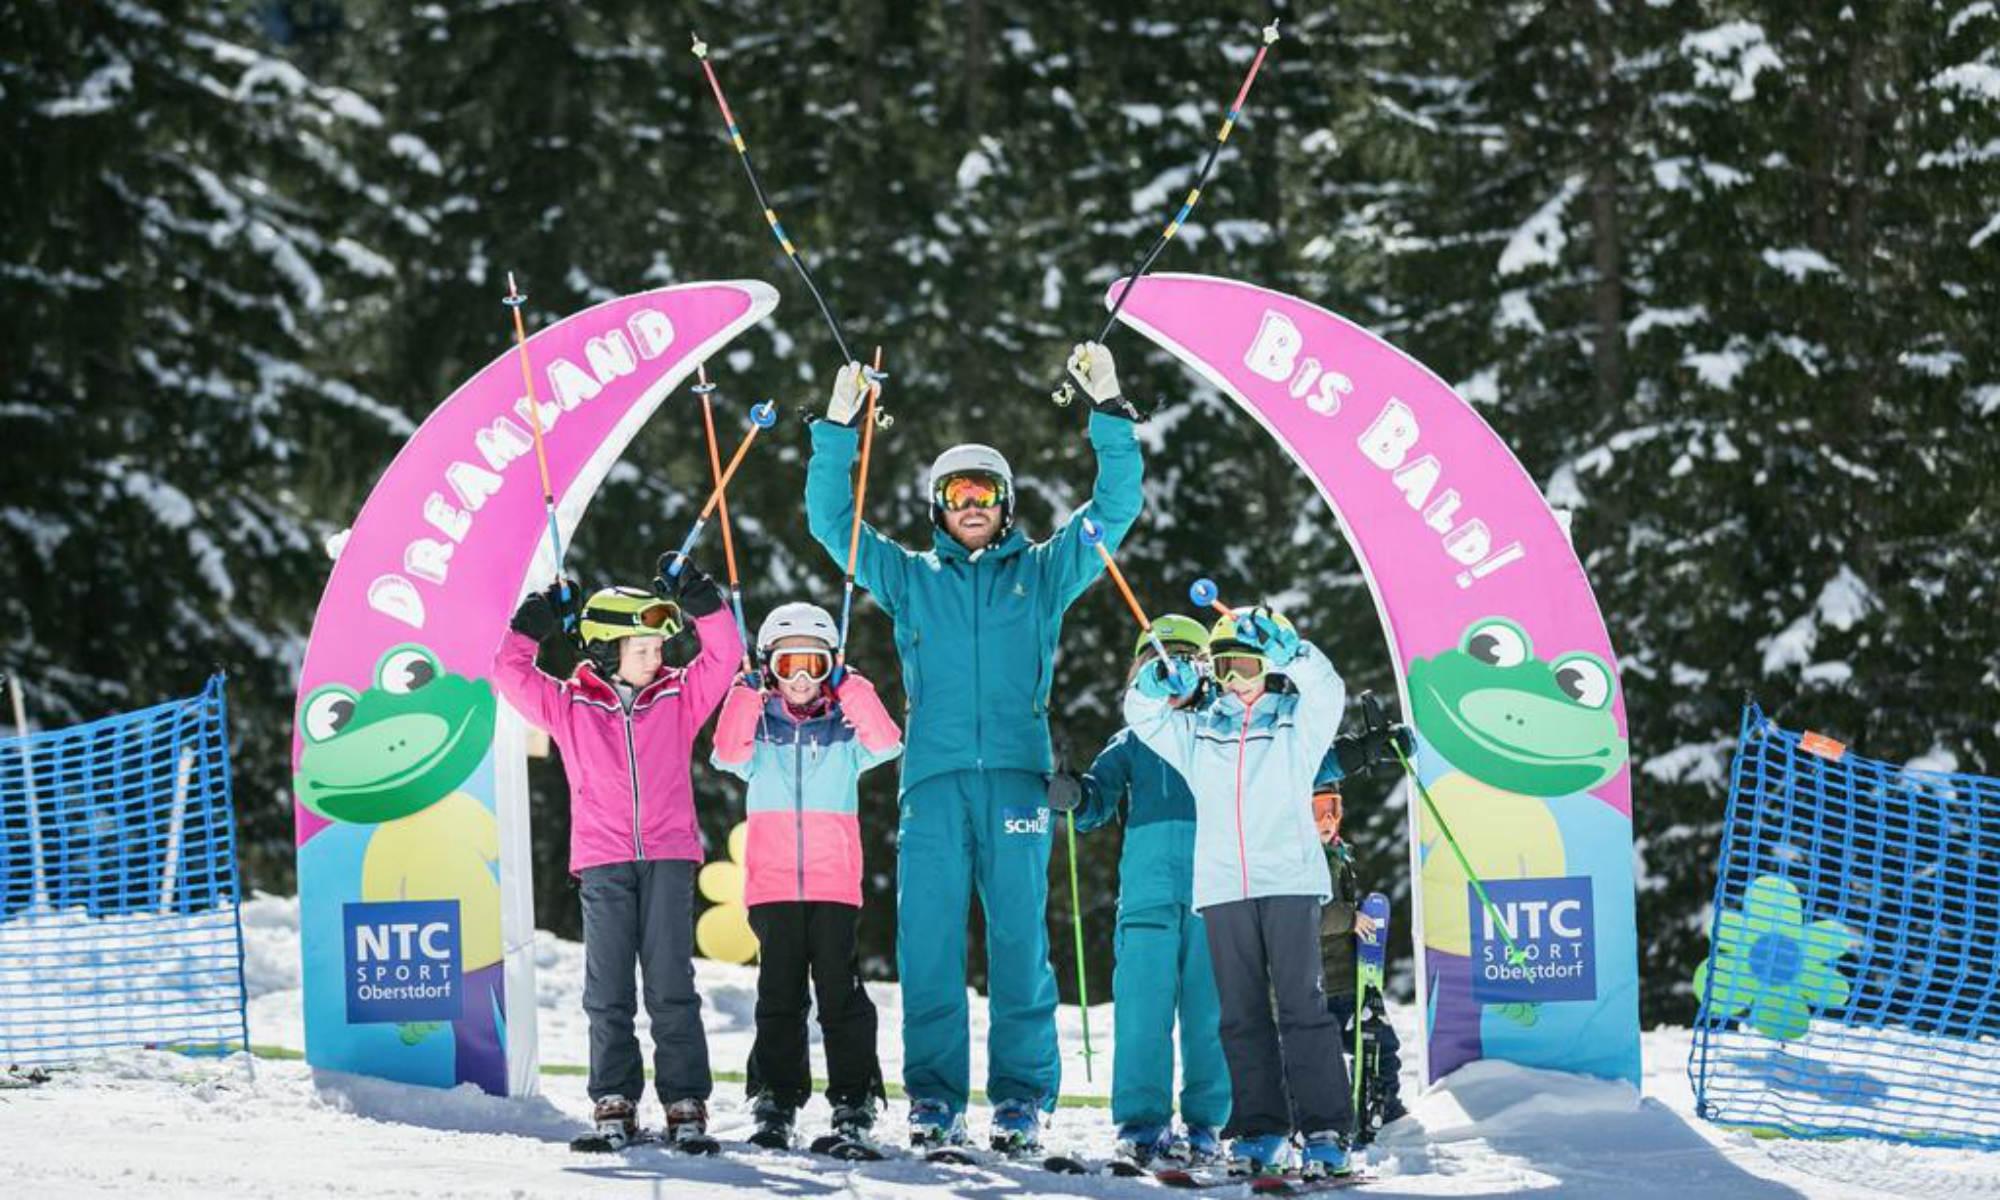 Kinder mit einem Skilehrer vor dem Dreamland der NTC SPORTS Skischule Oberstdorf.